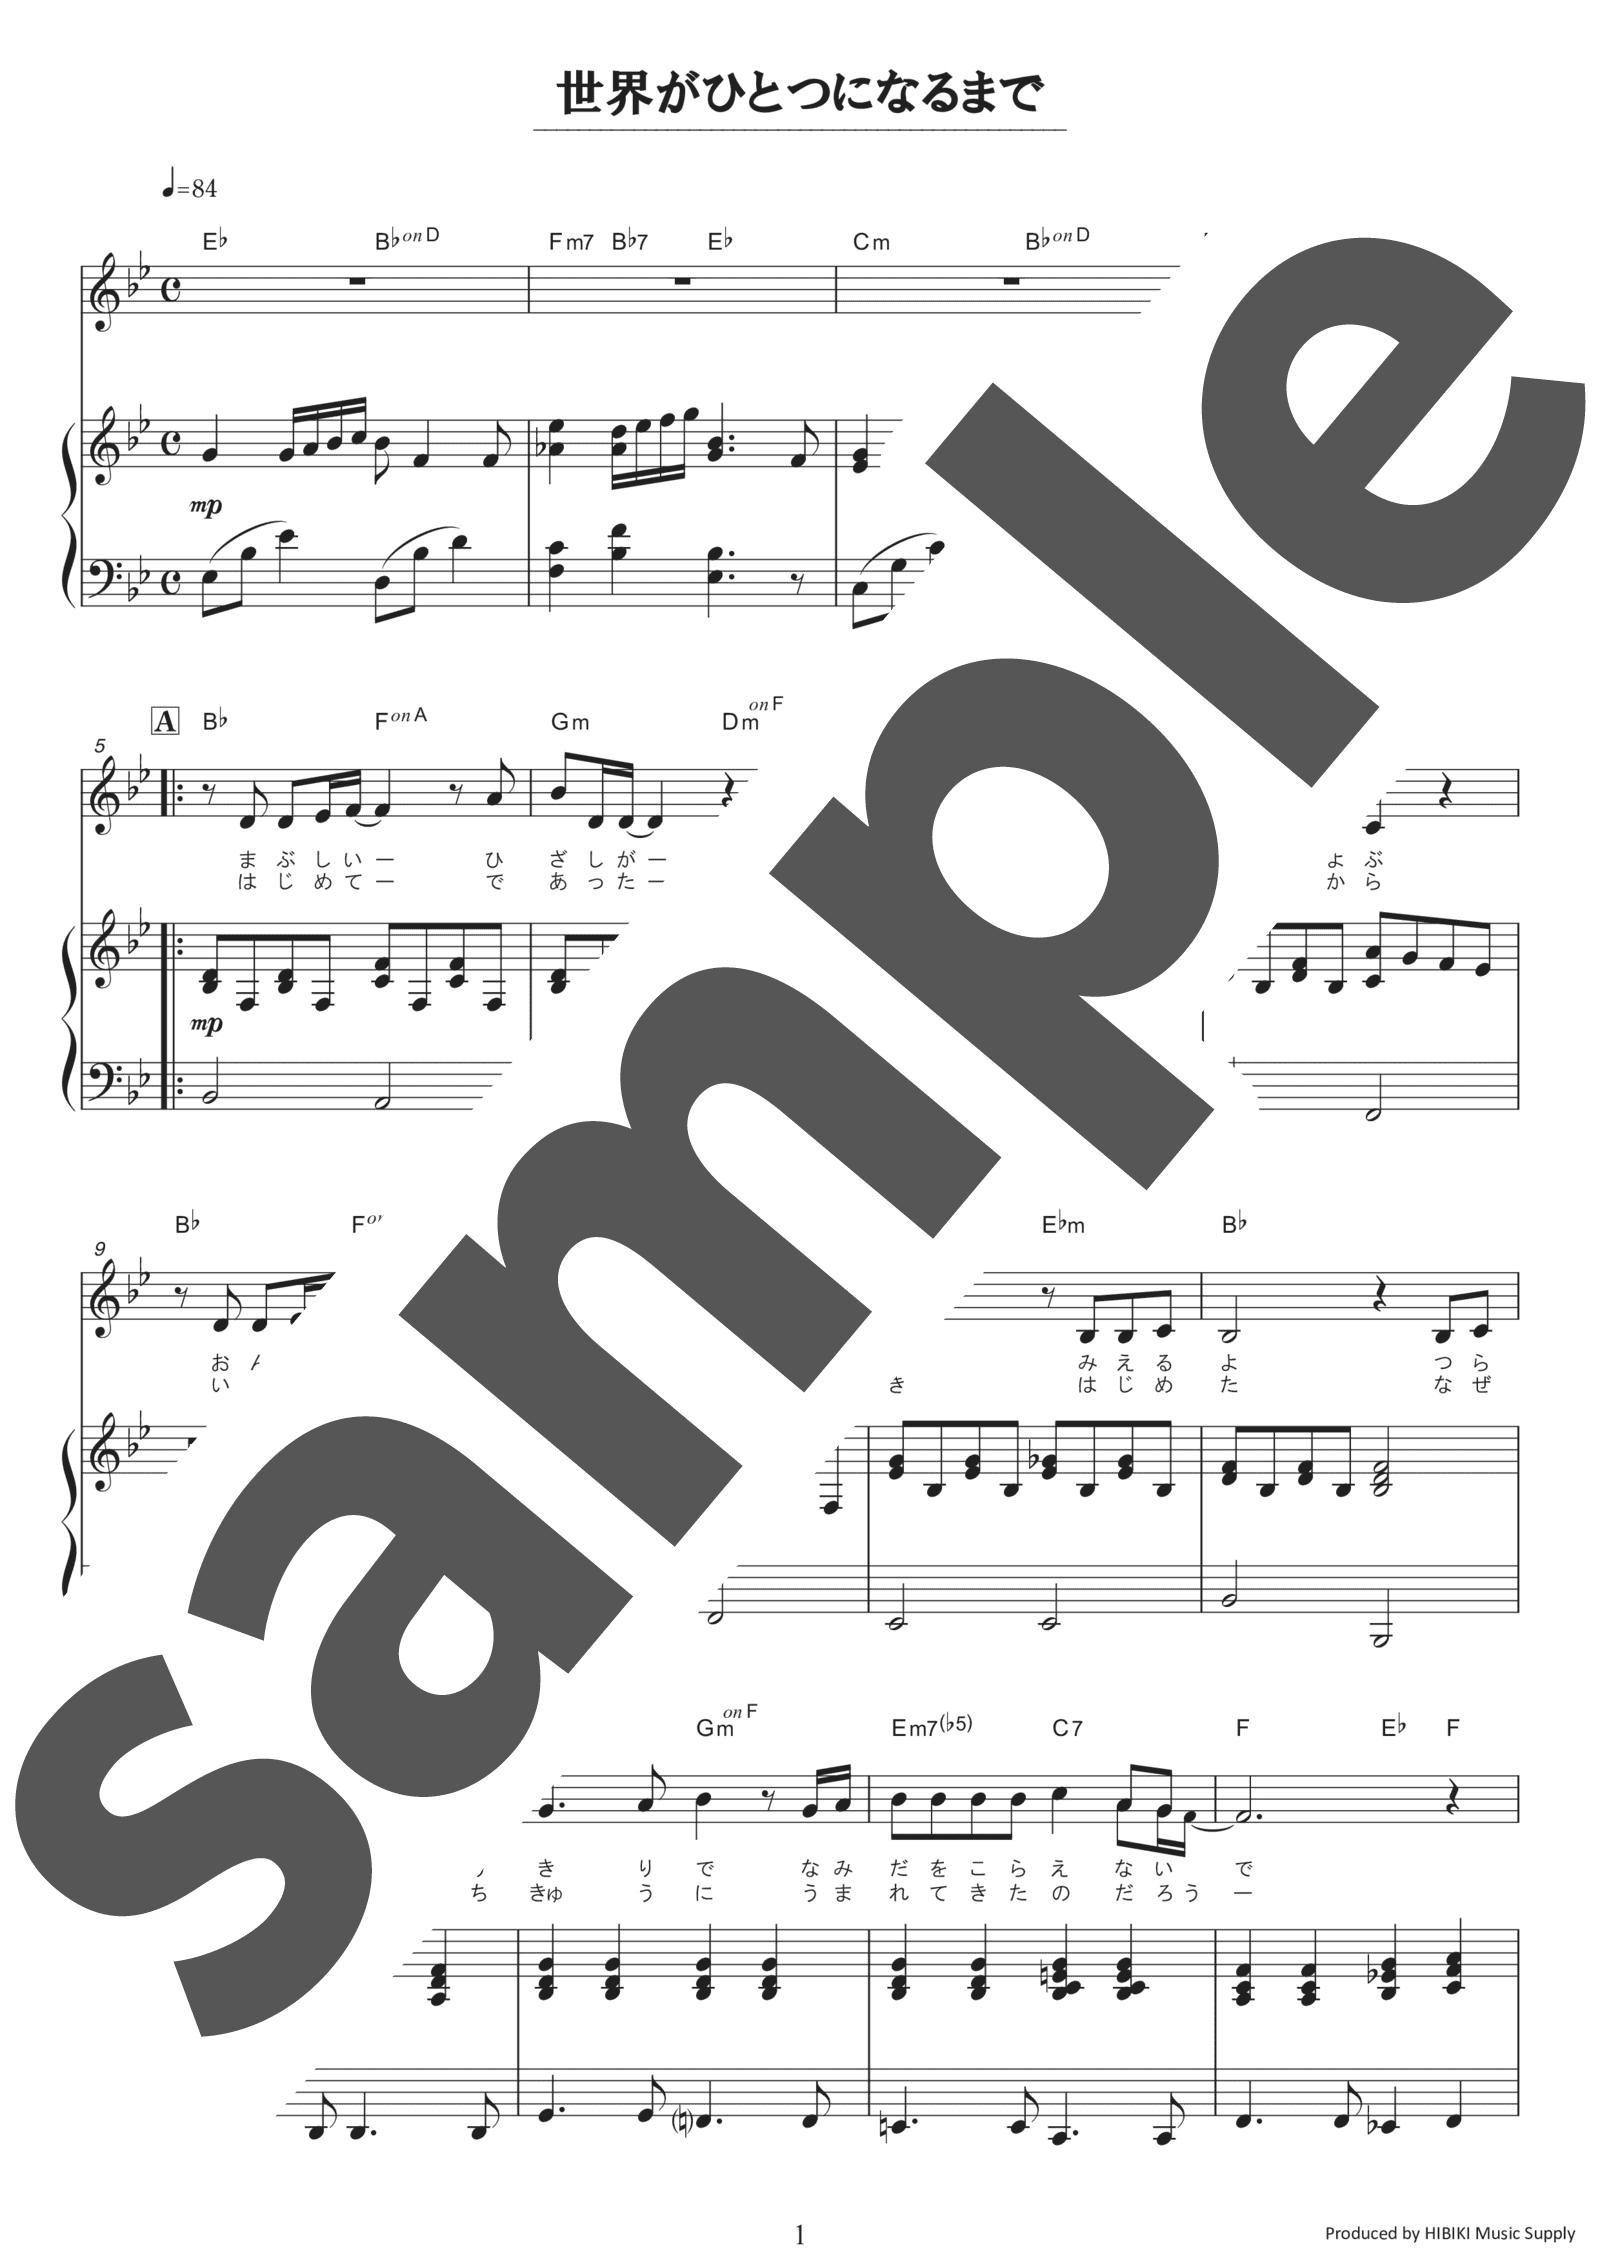 「世界がひとつになるまで」のサンプル楽譜